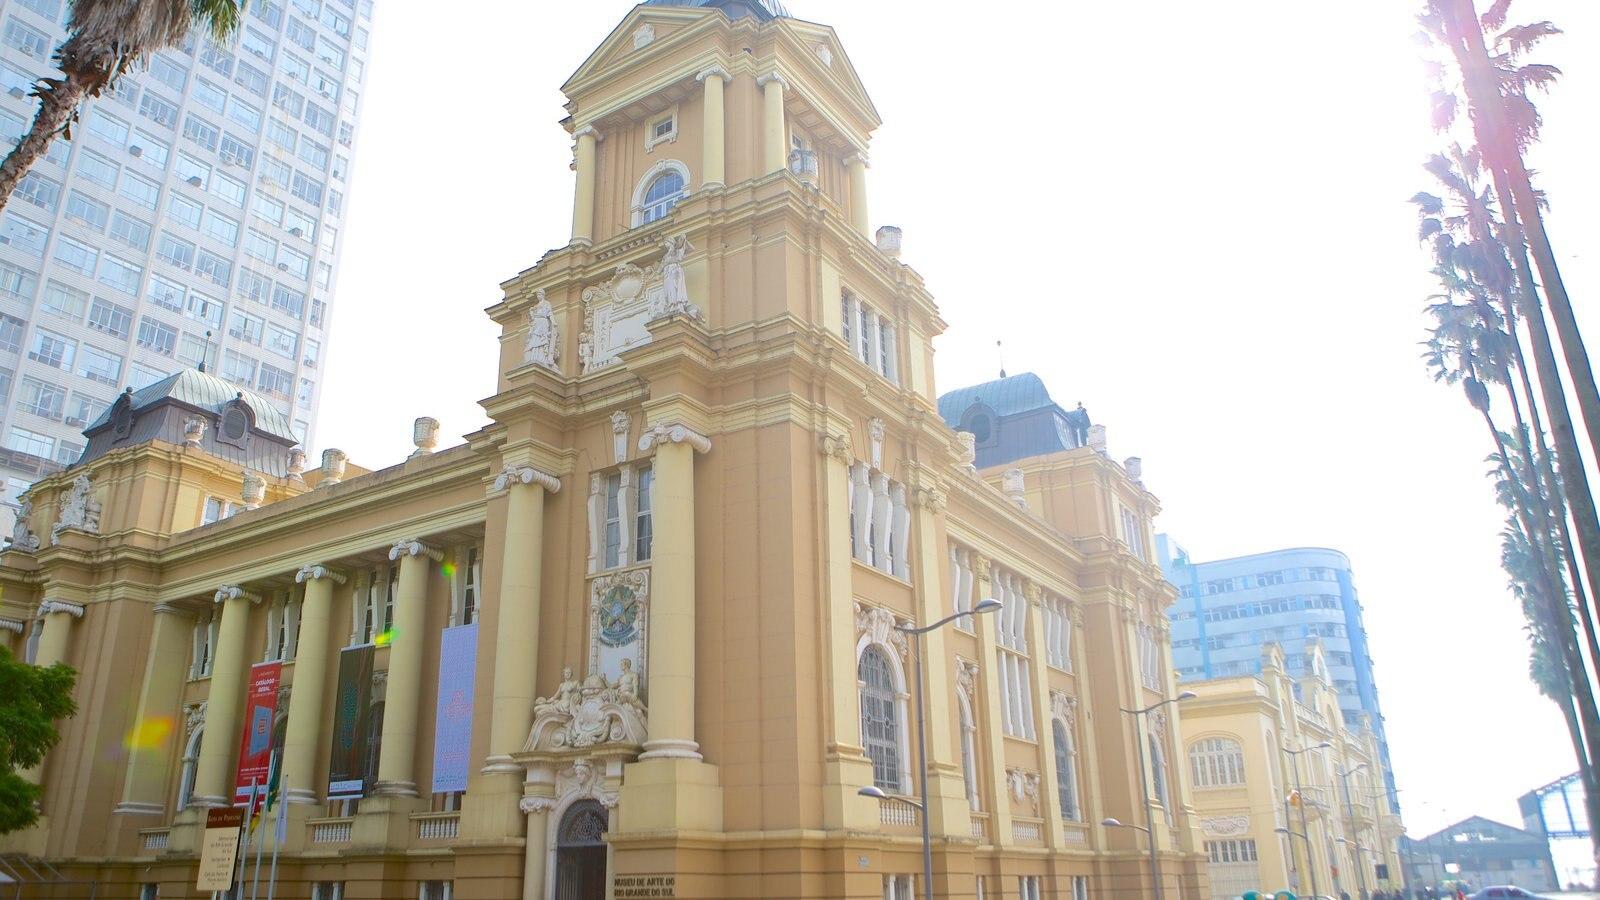 Museu de Arte do Rio Grande do Sul que inclui cenas de rua e arquitetura de patrimônio